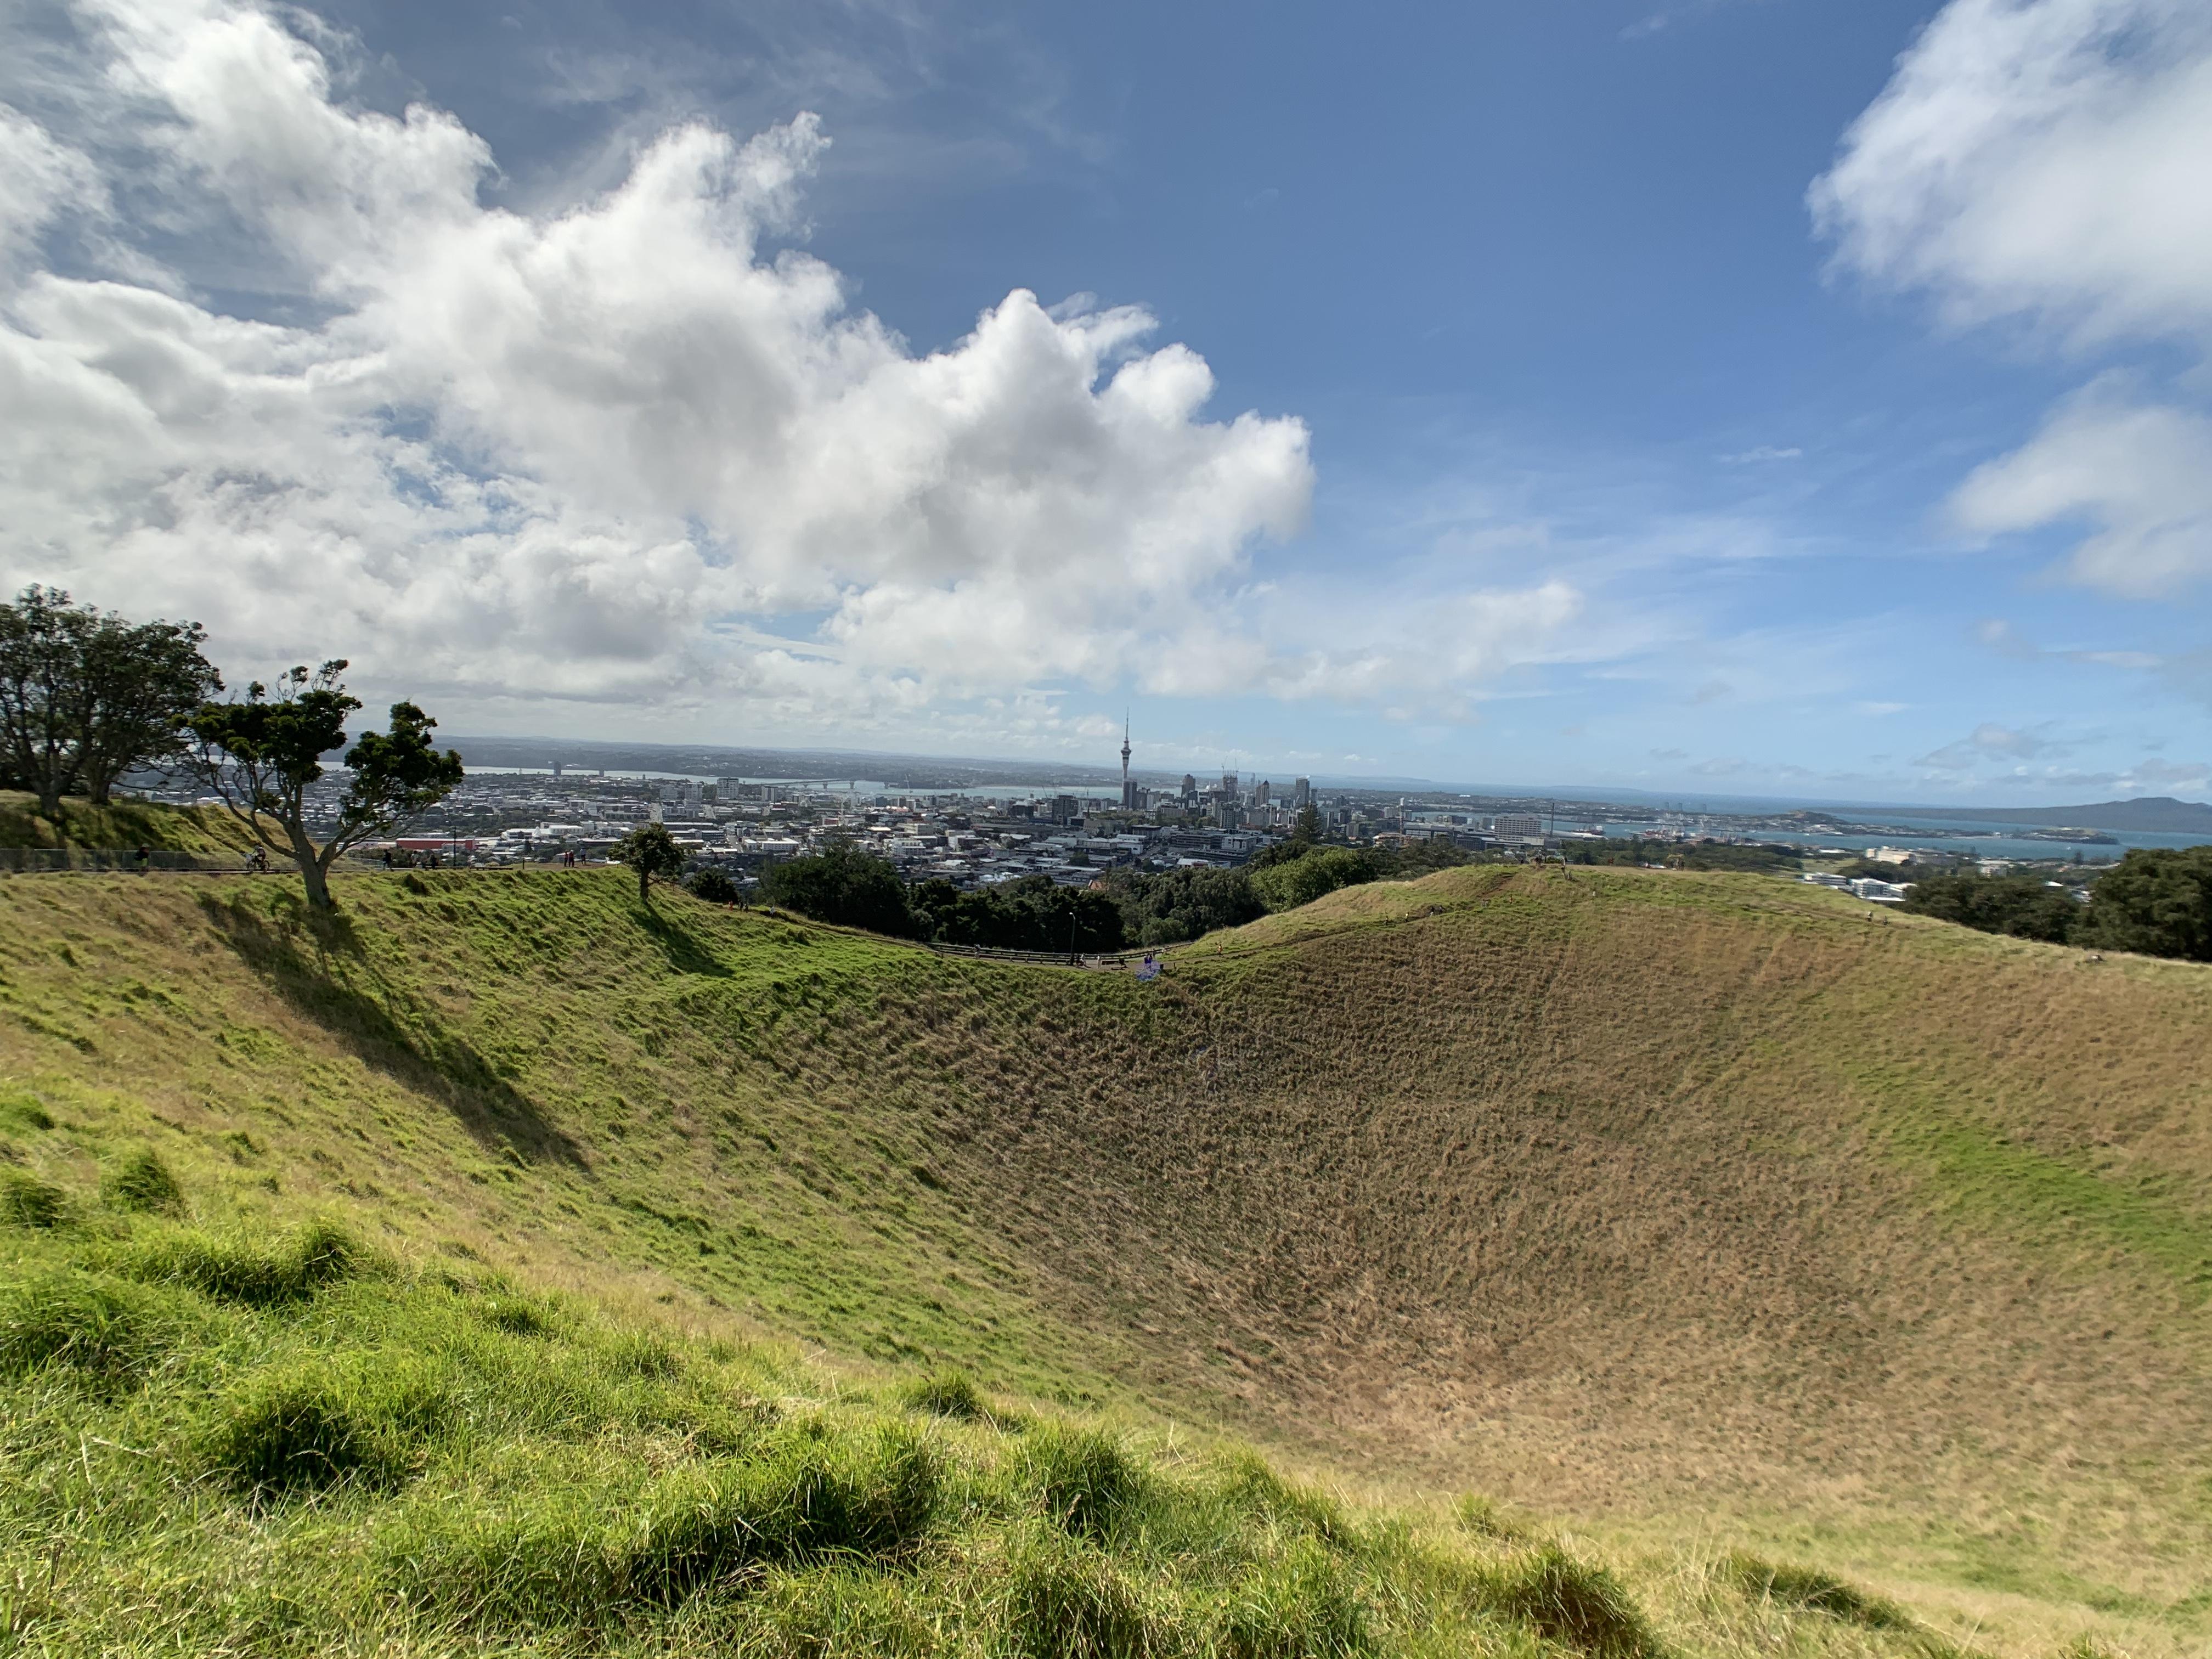 Mount Eden is an old volcanic peak in Auckland, New Zealand.